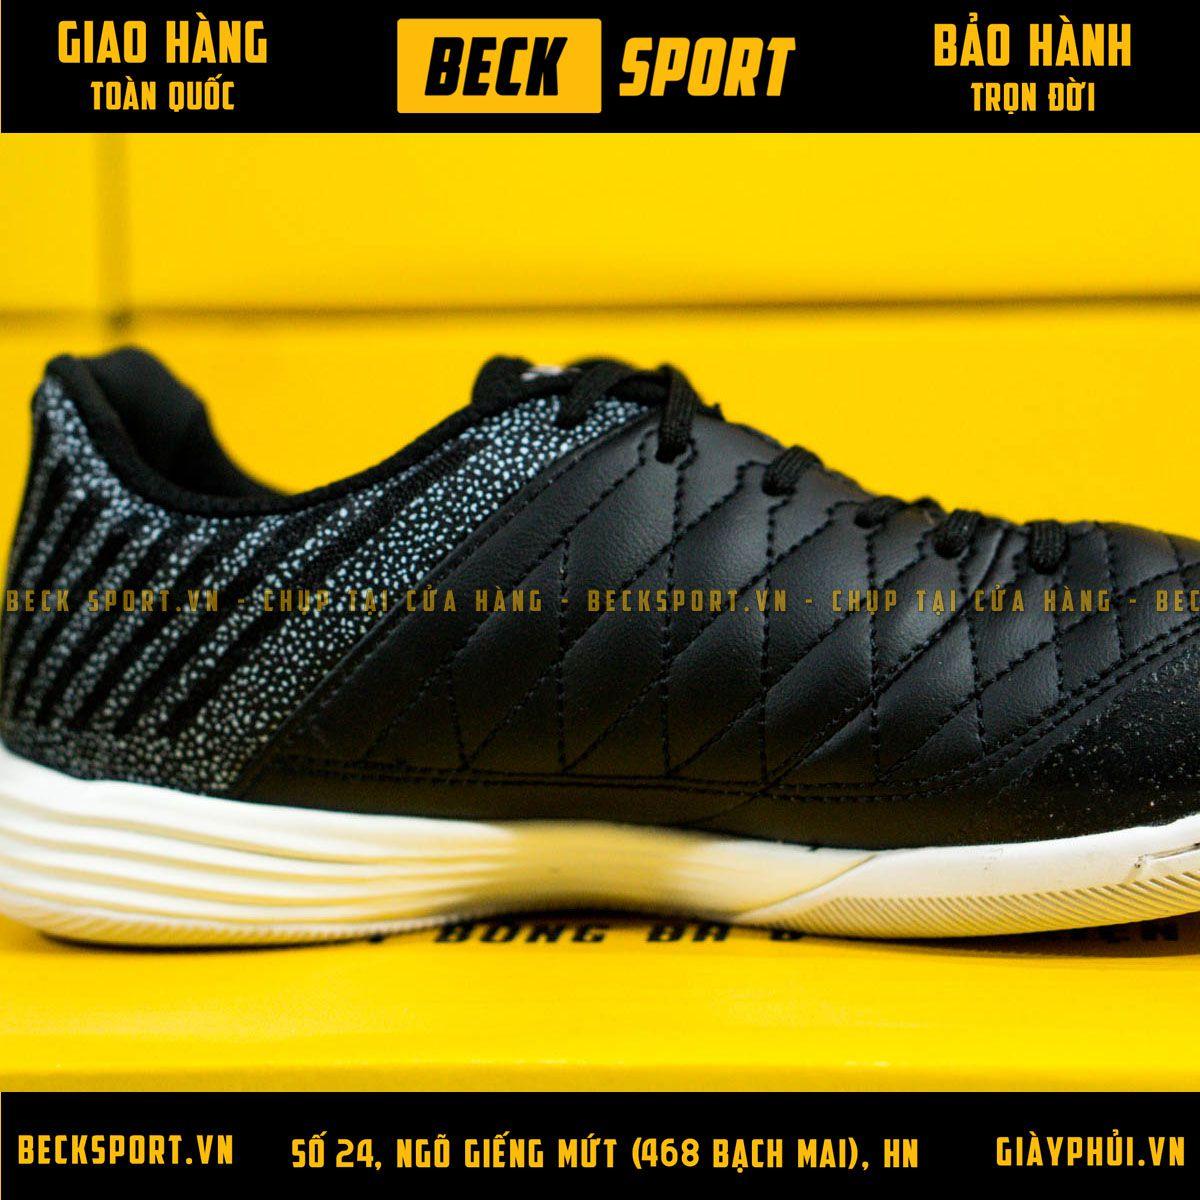 Giày Bóng Đá Nike Lunar Gato Đen Đế Trắng IC